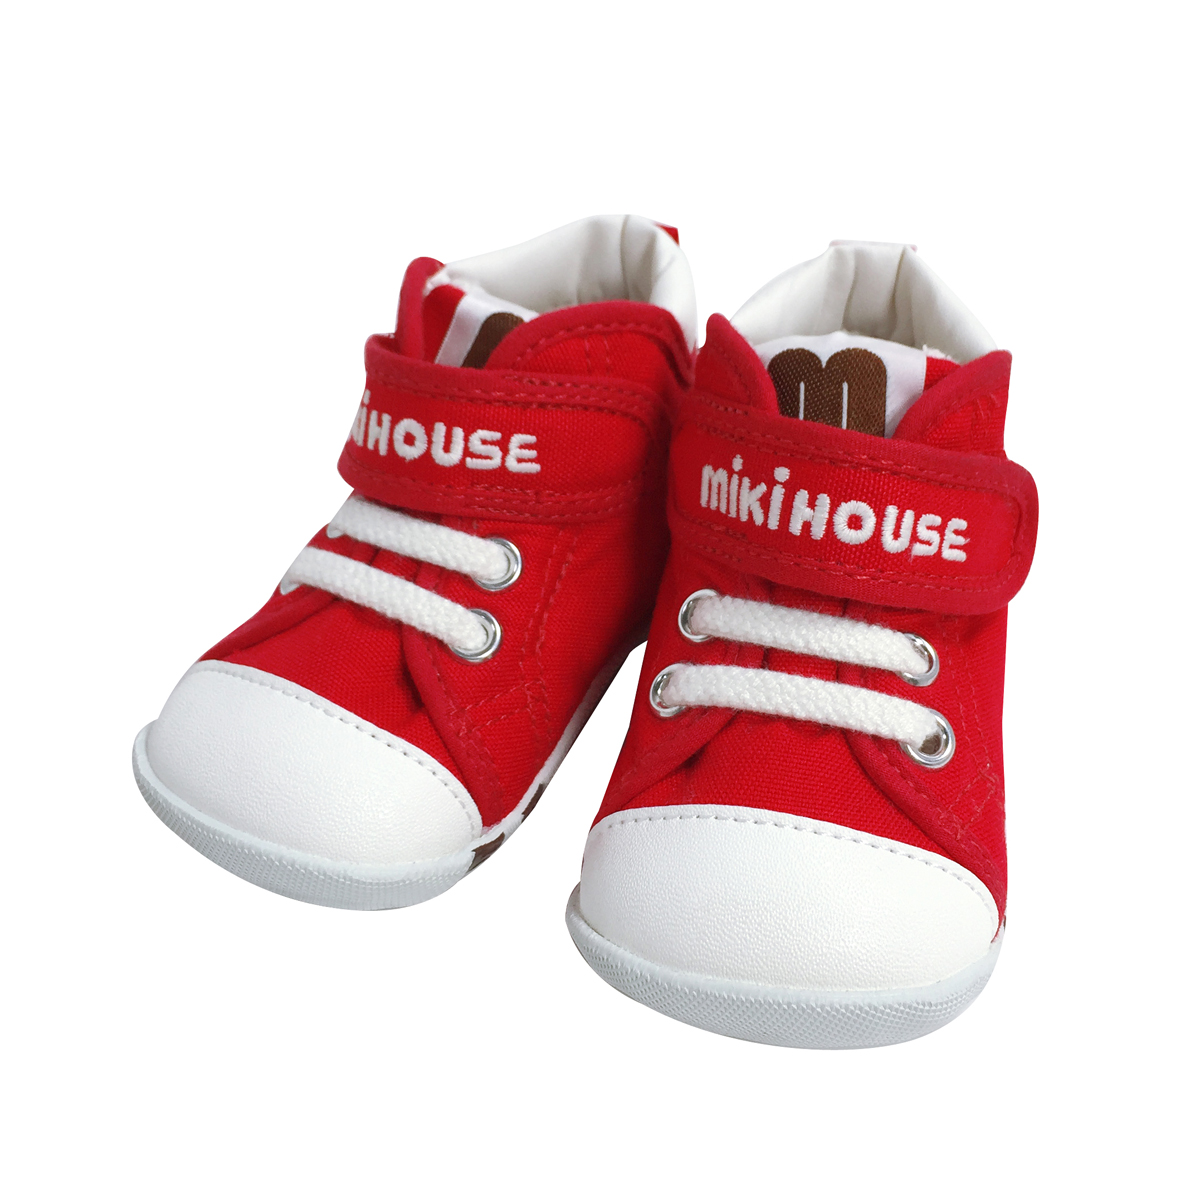 日本制MIKIHOUSE经典彩虹拼色款 一段学步鞋(2色)<br/>